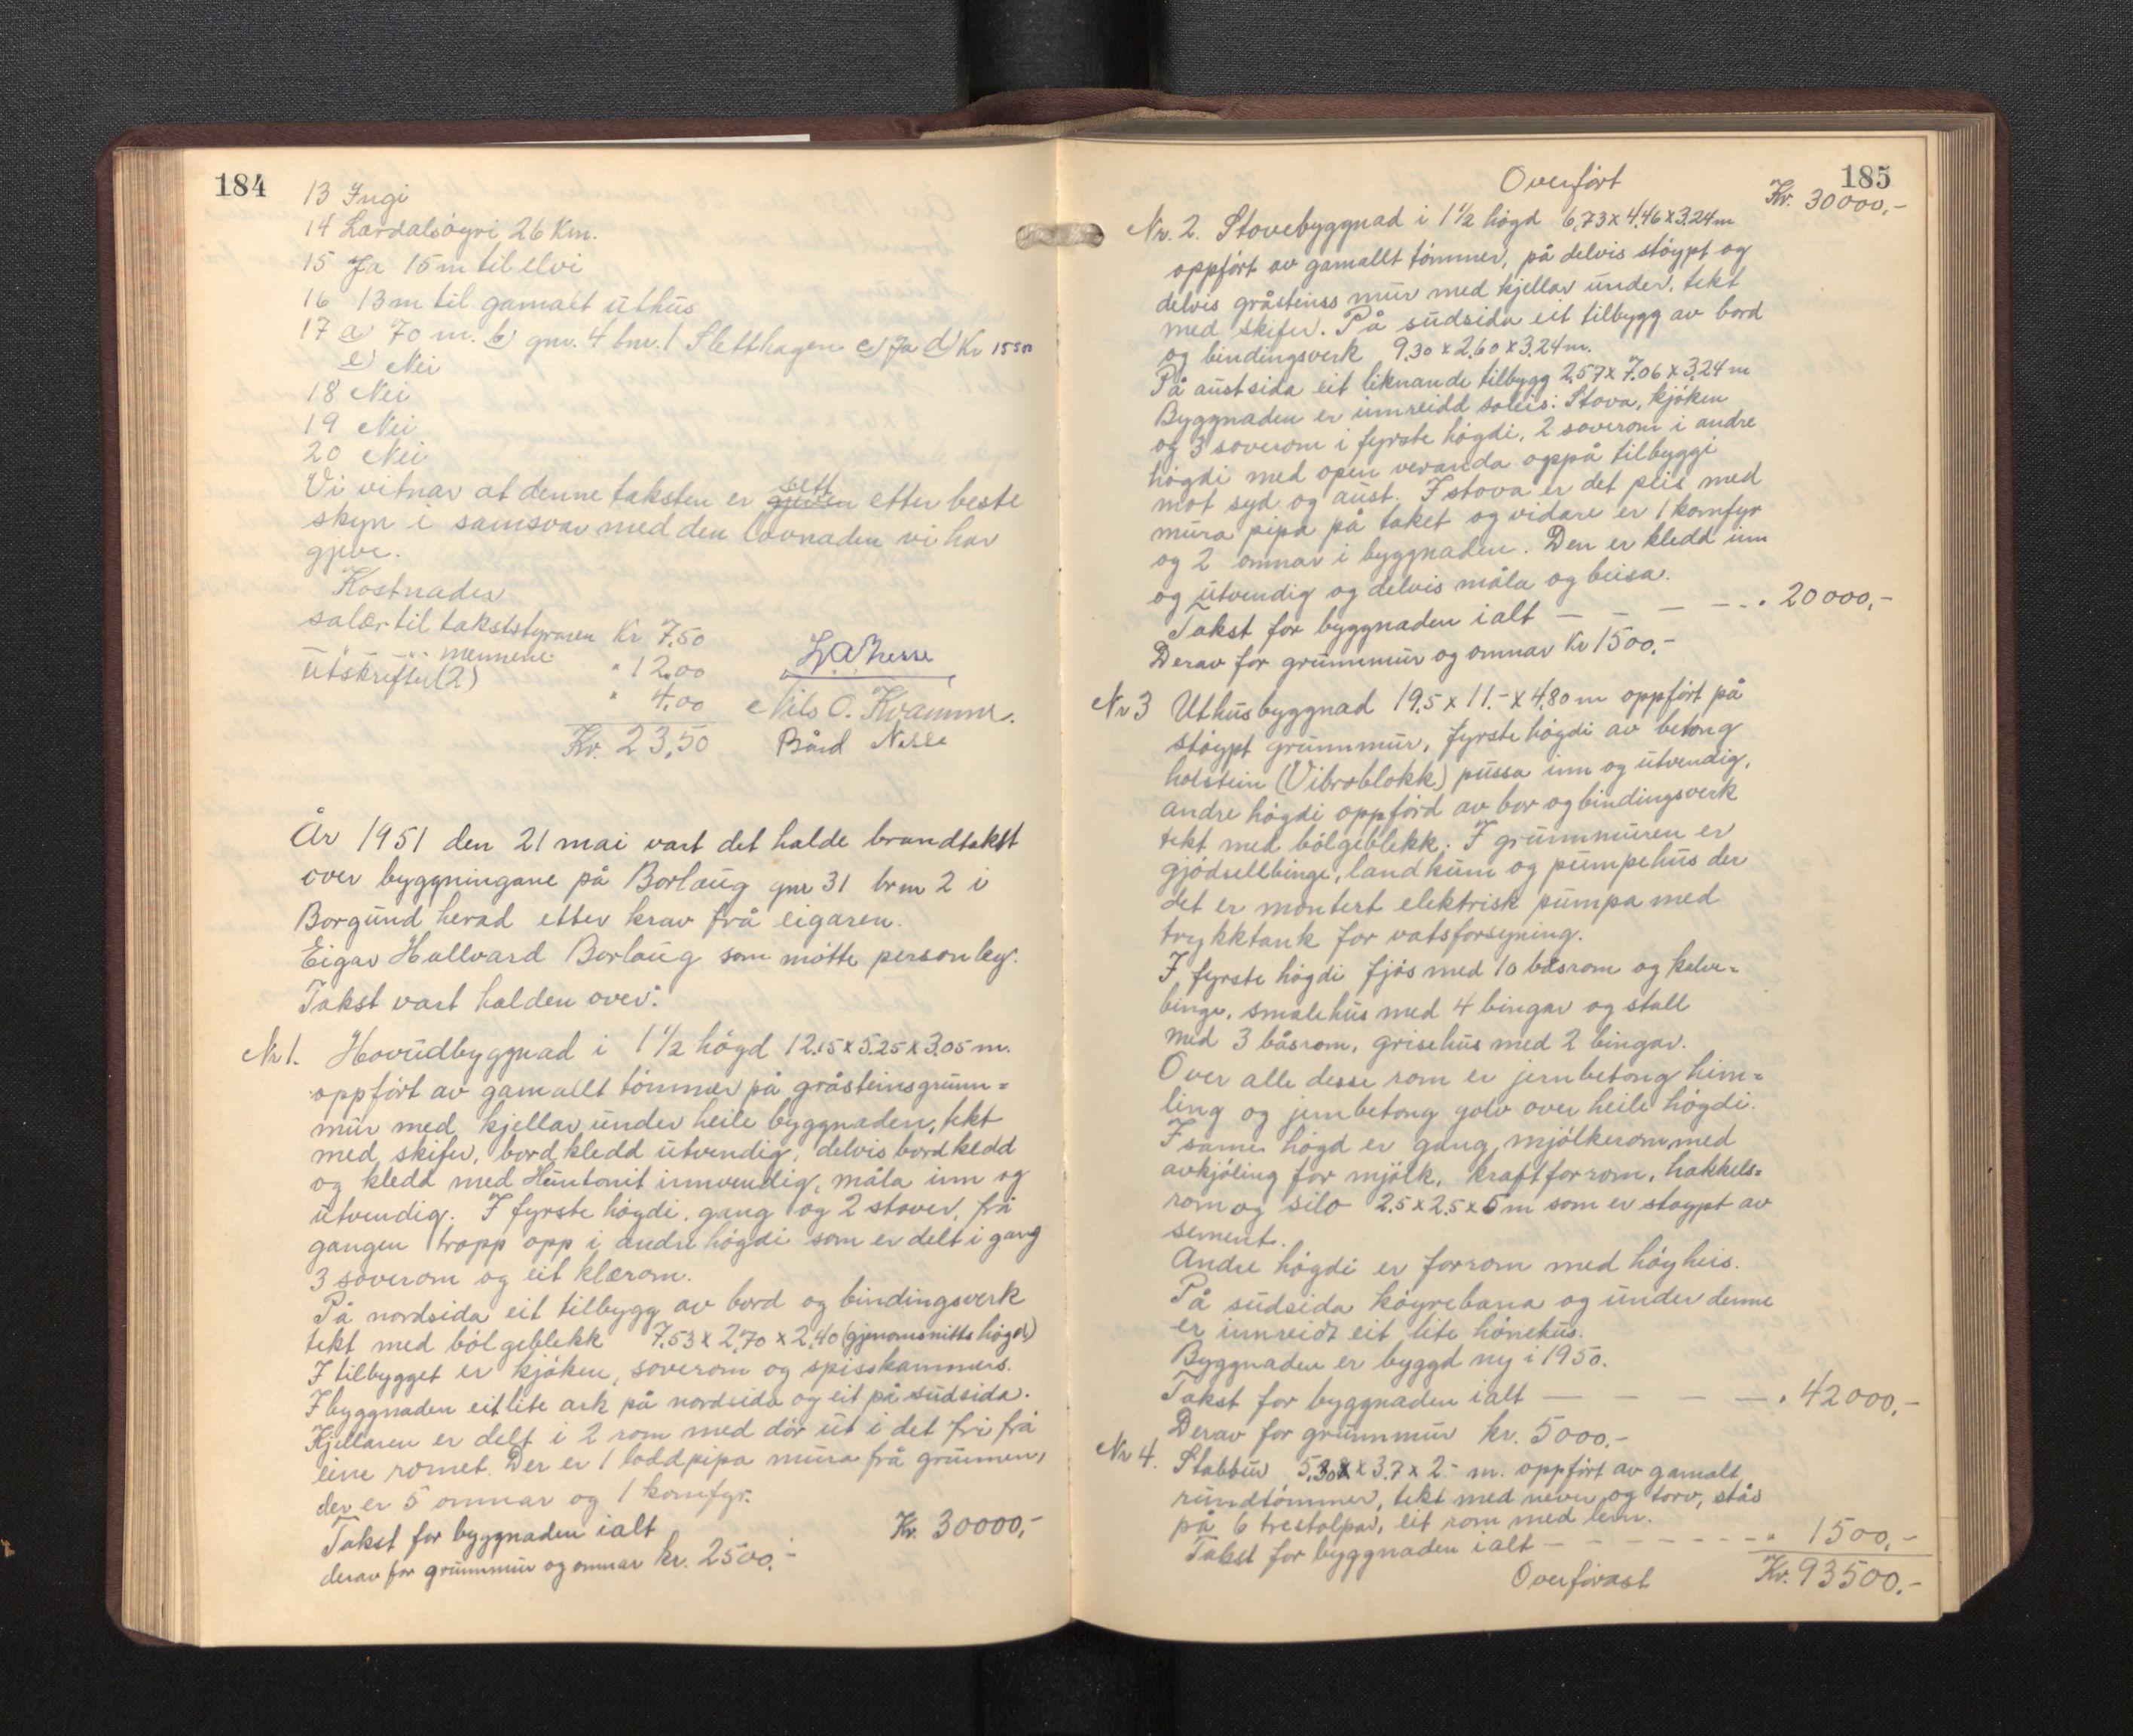 SAB, Lensmannen i Borgund, 0012/L0002: Branntakstprotokoll, 1929-1933, s. 184-185